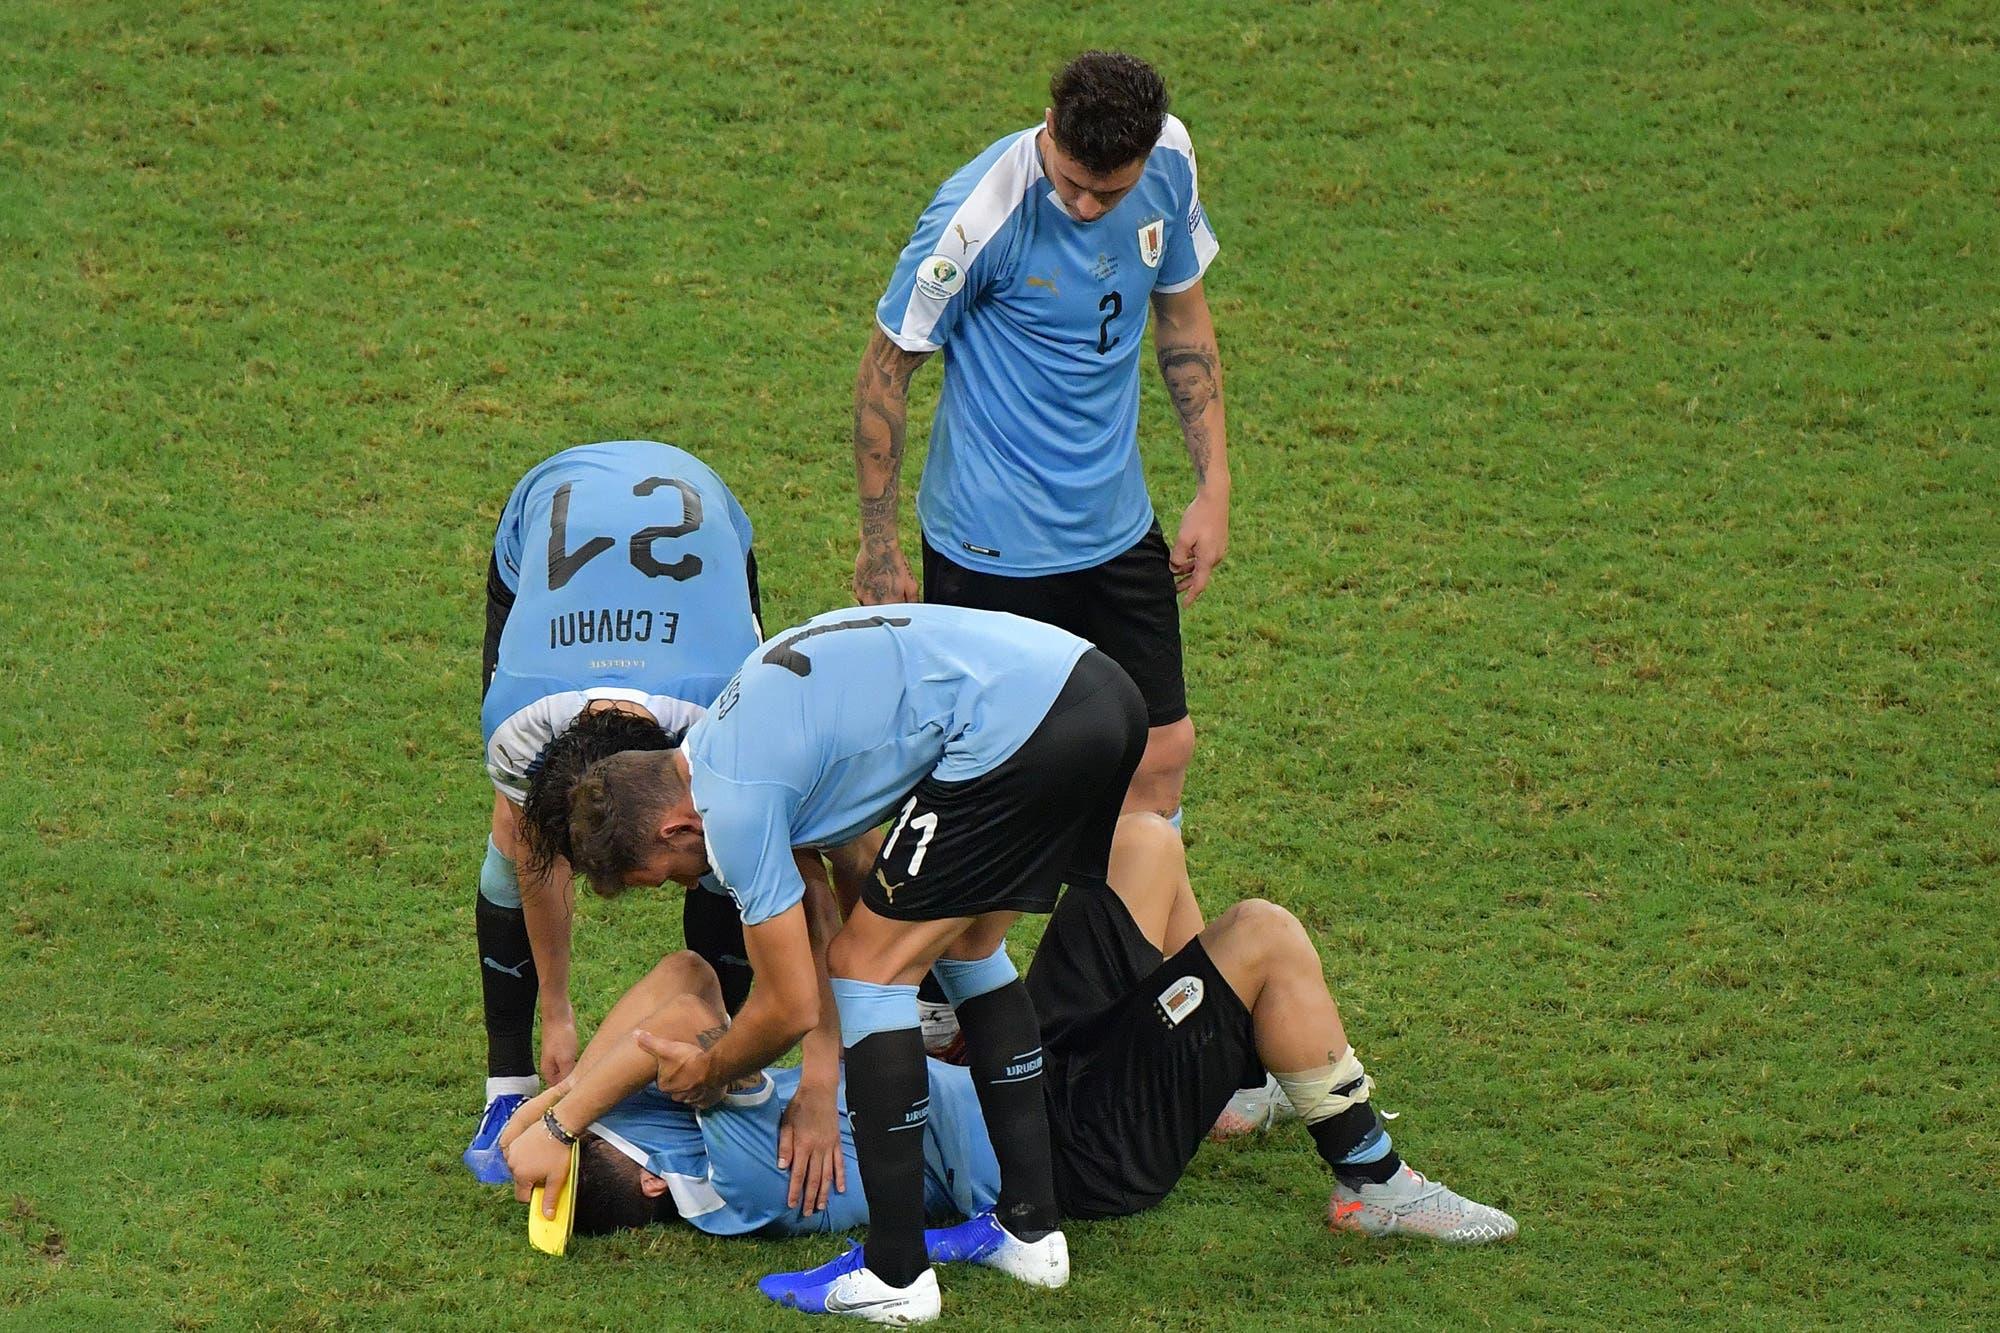 El llanto de Luis Suárez: la imagen de la eliminación de Uruguay en la Copa América